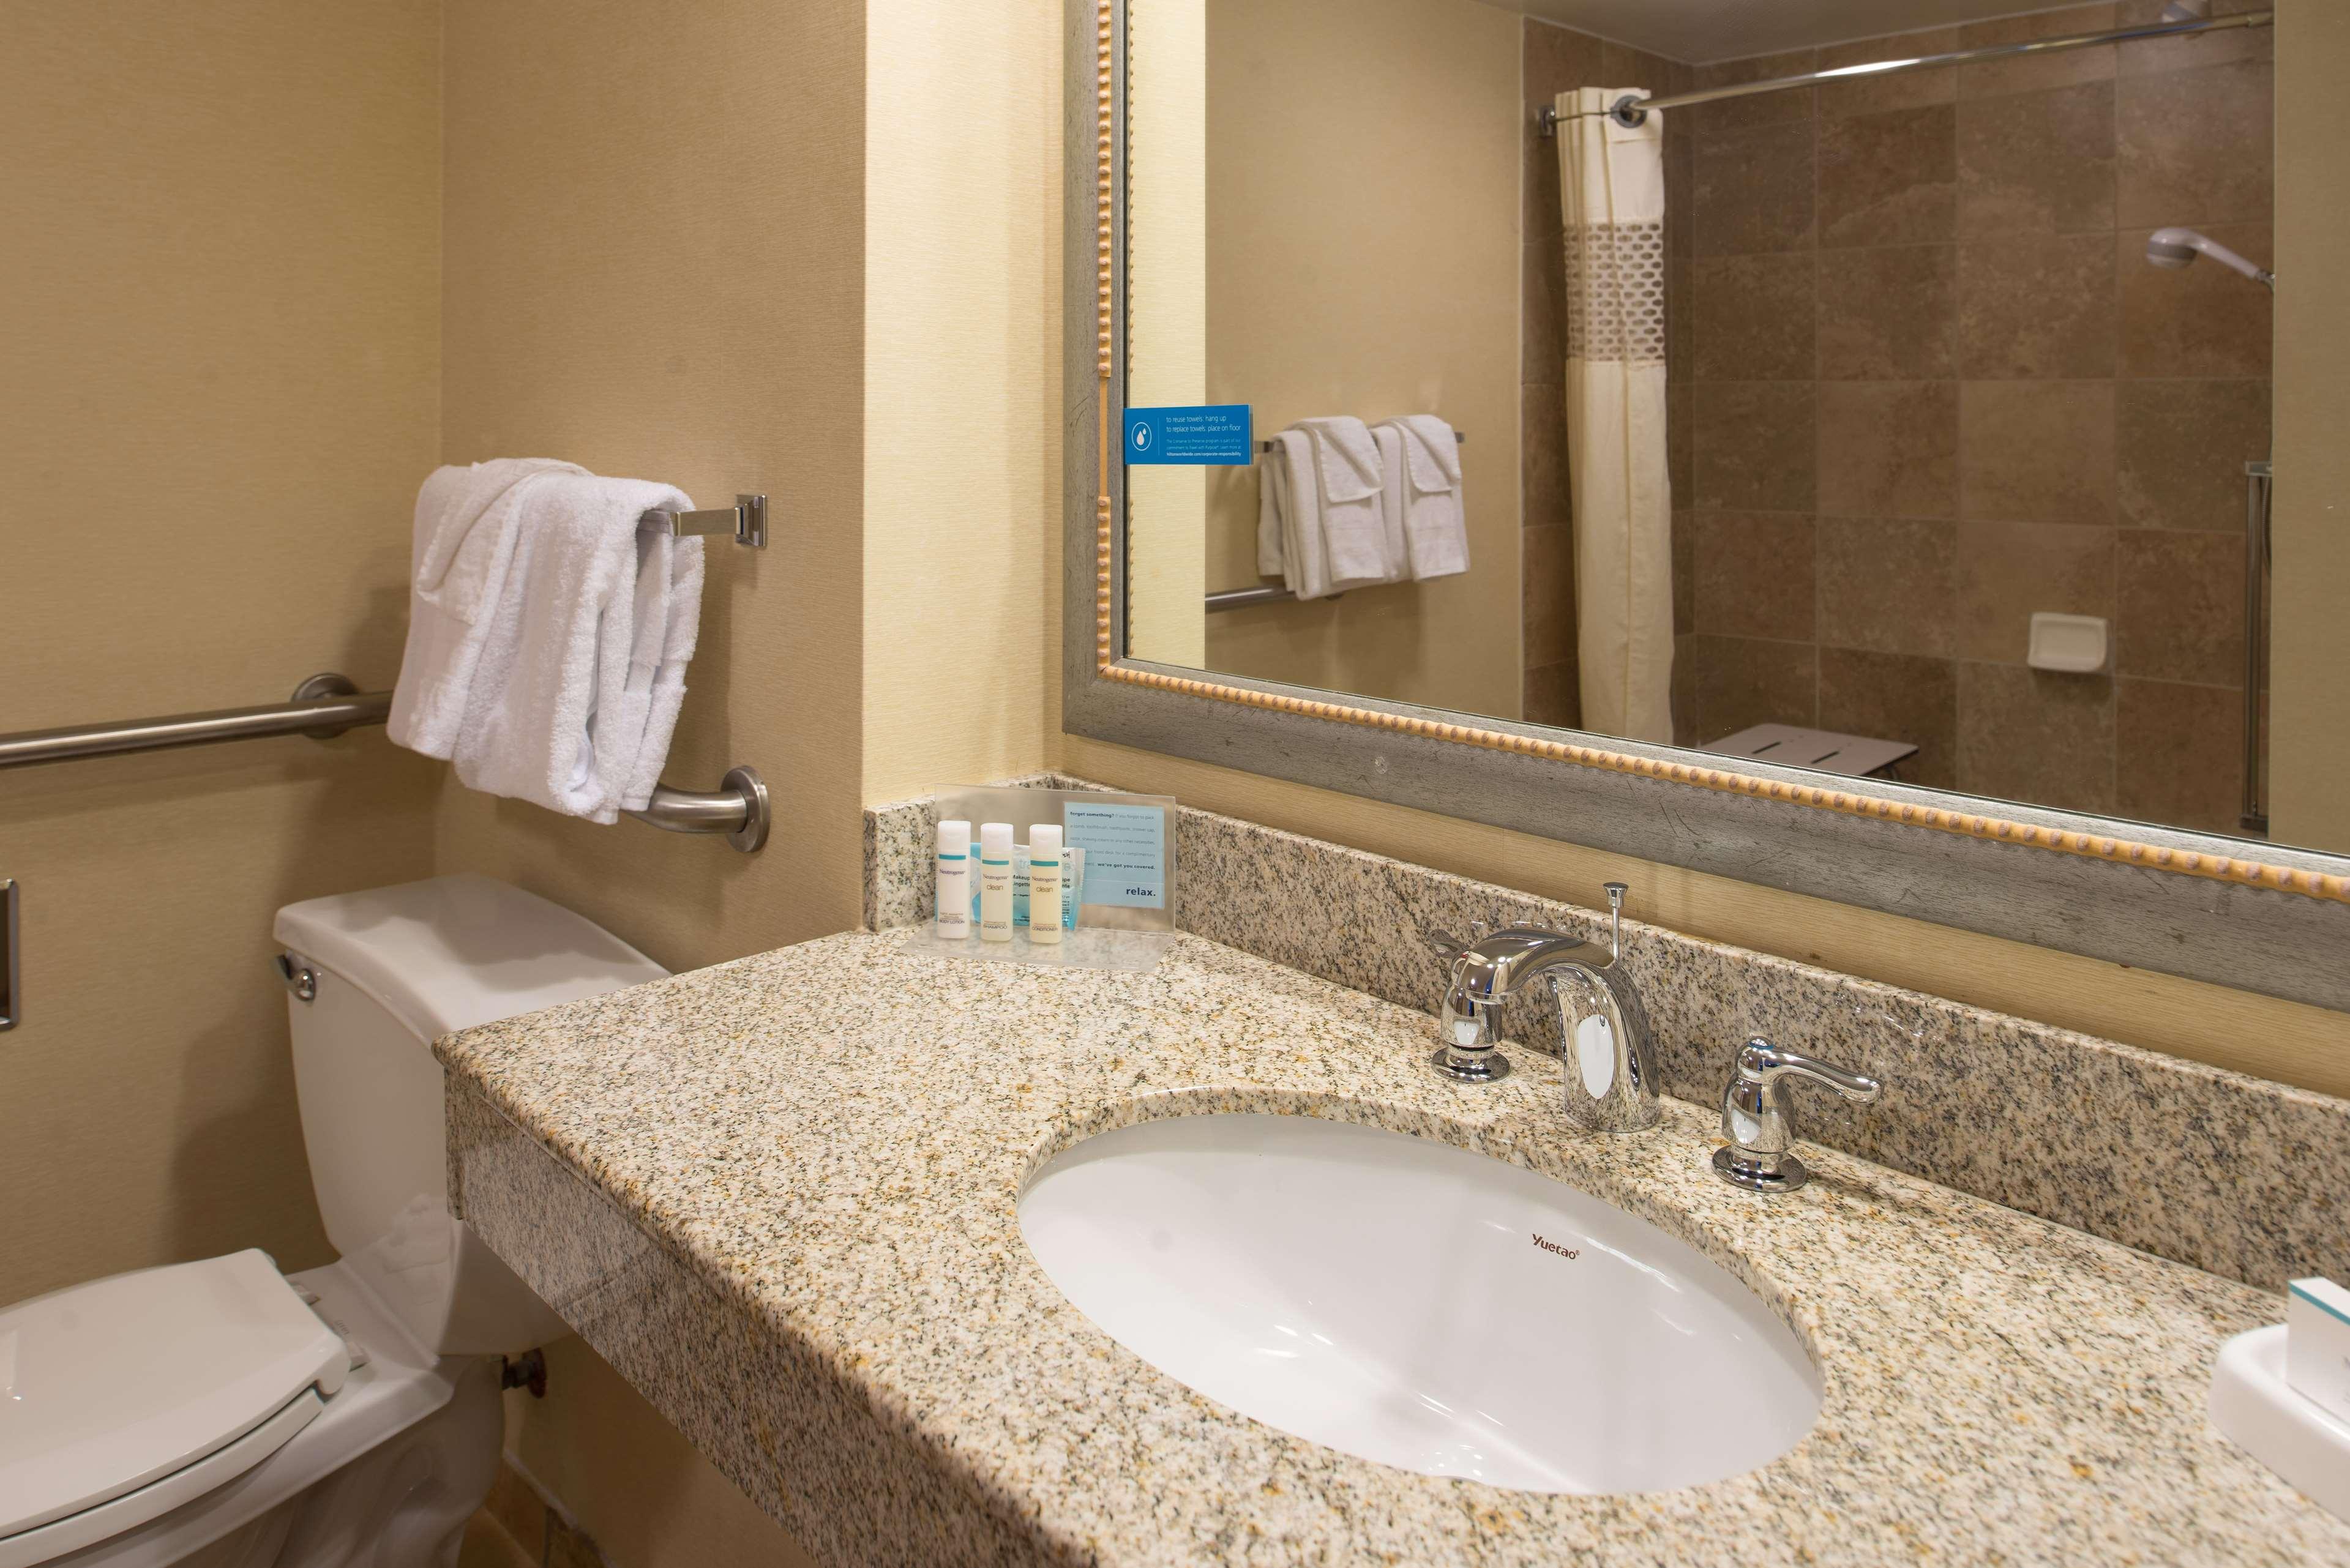 Hampton Inn & Suites Charlotte-Arrowood Rd. image 49